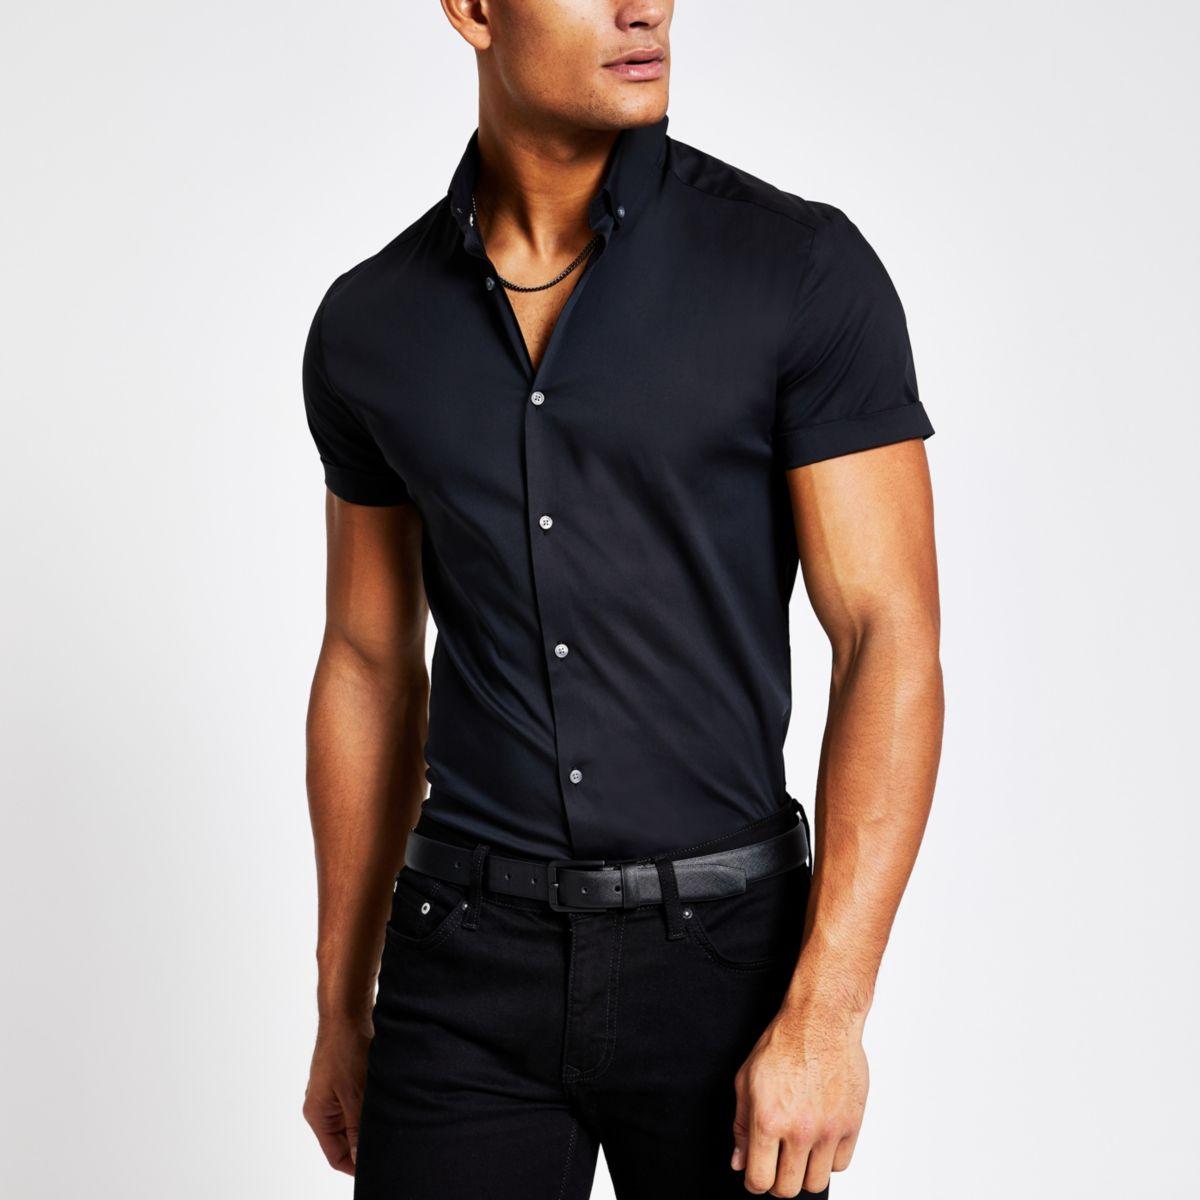 Zwart aansluitend overhemd met korte mouwen